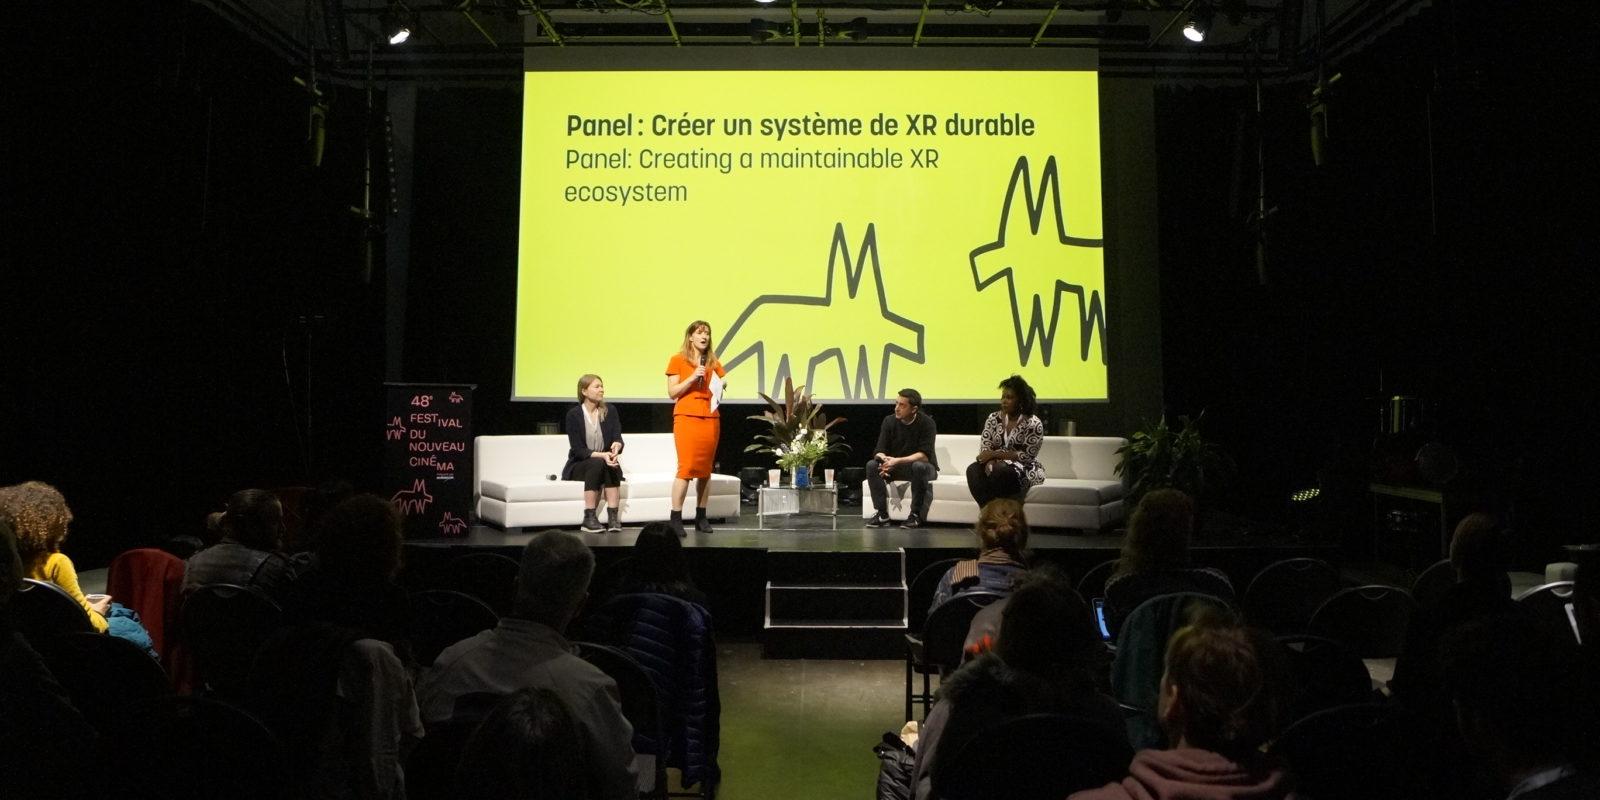 Projets présentés - Panel: Créer un système de XR durable - FNC